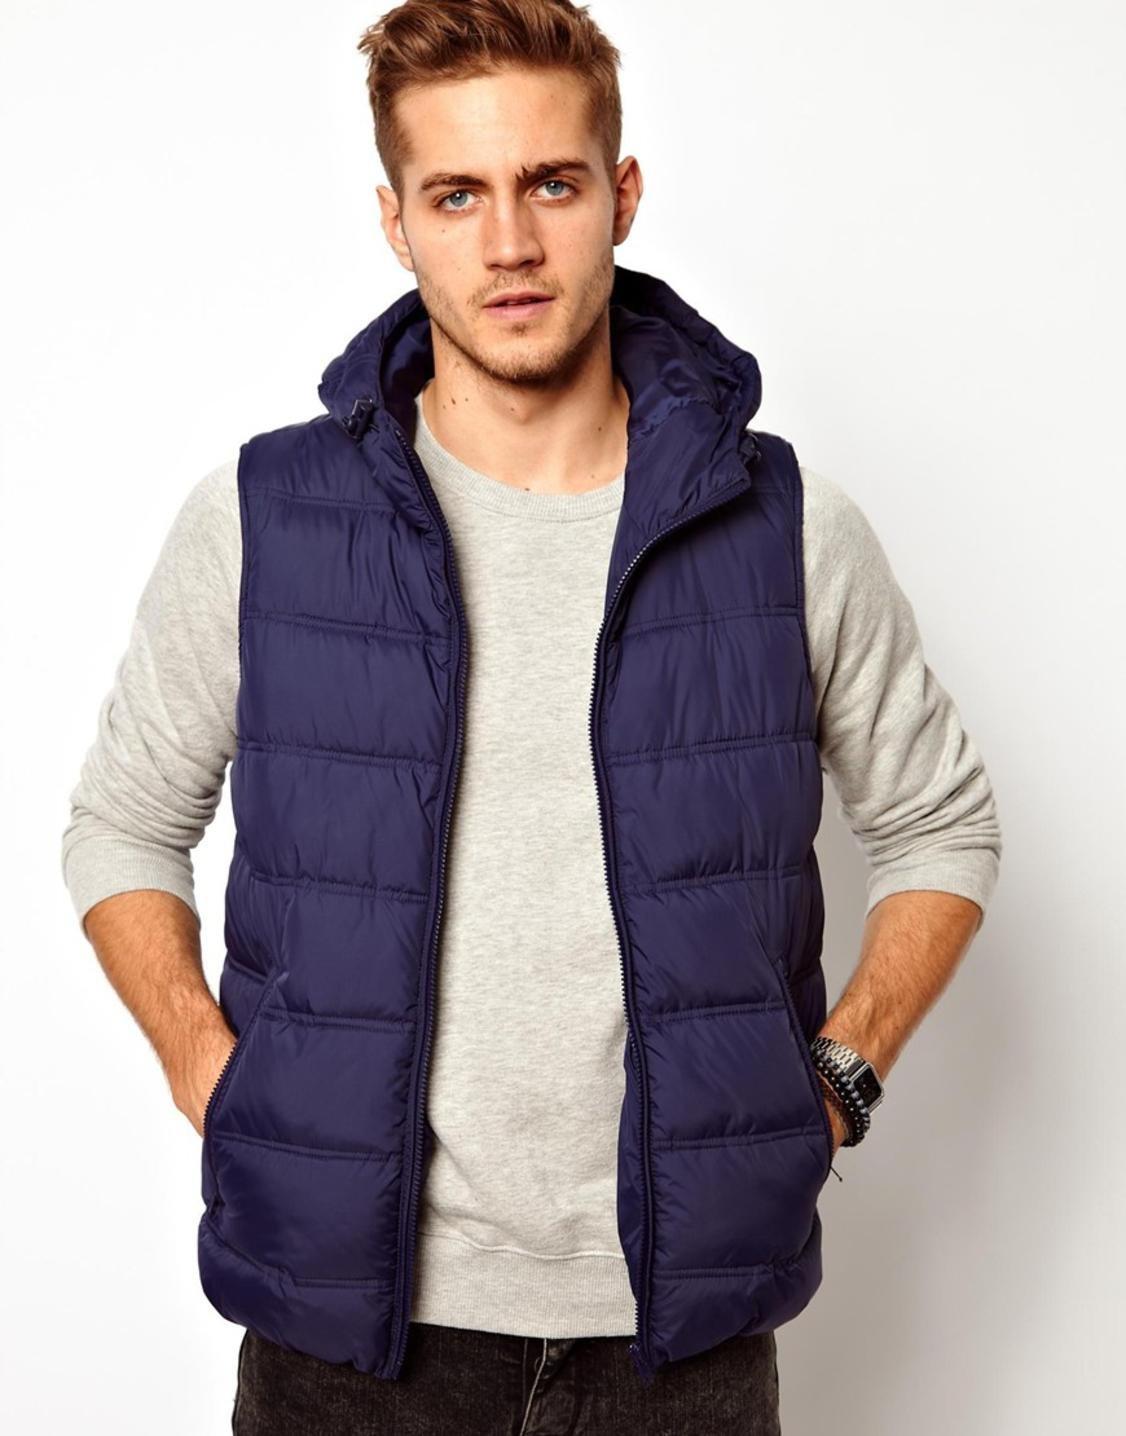 Мужской жилет и безрукавка - как их нужно носить